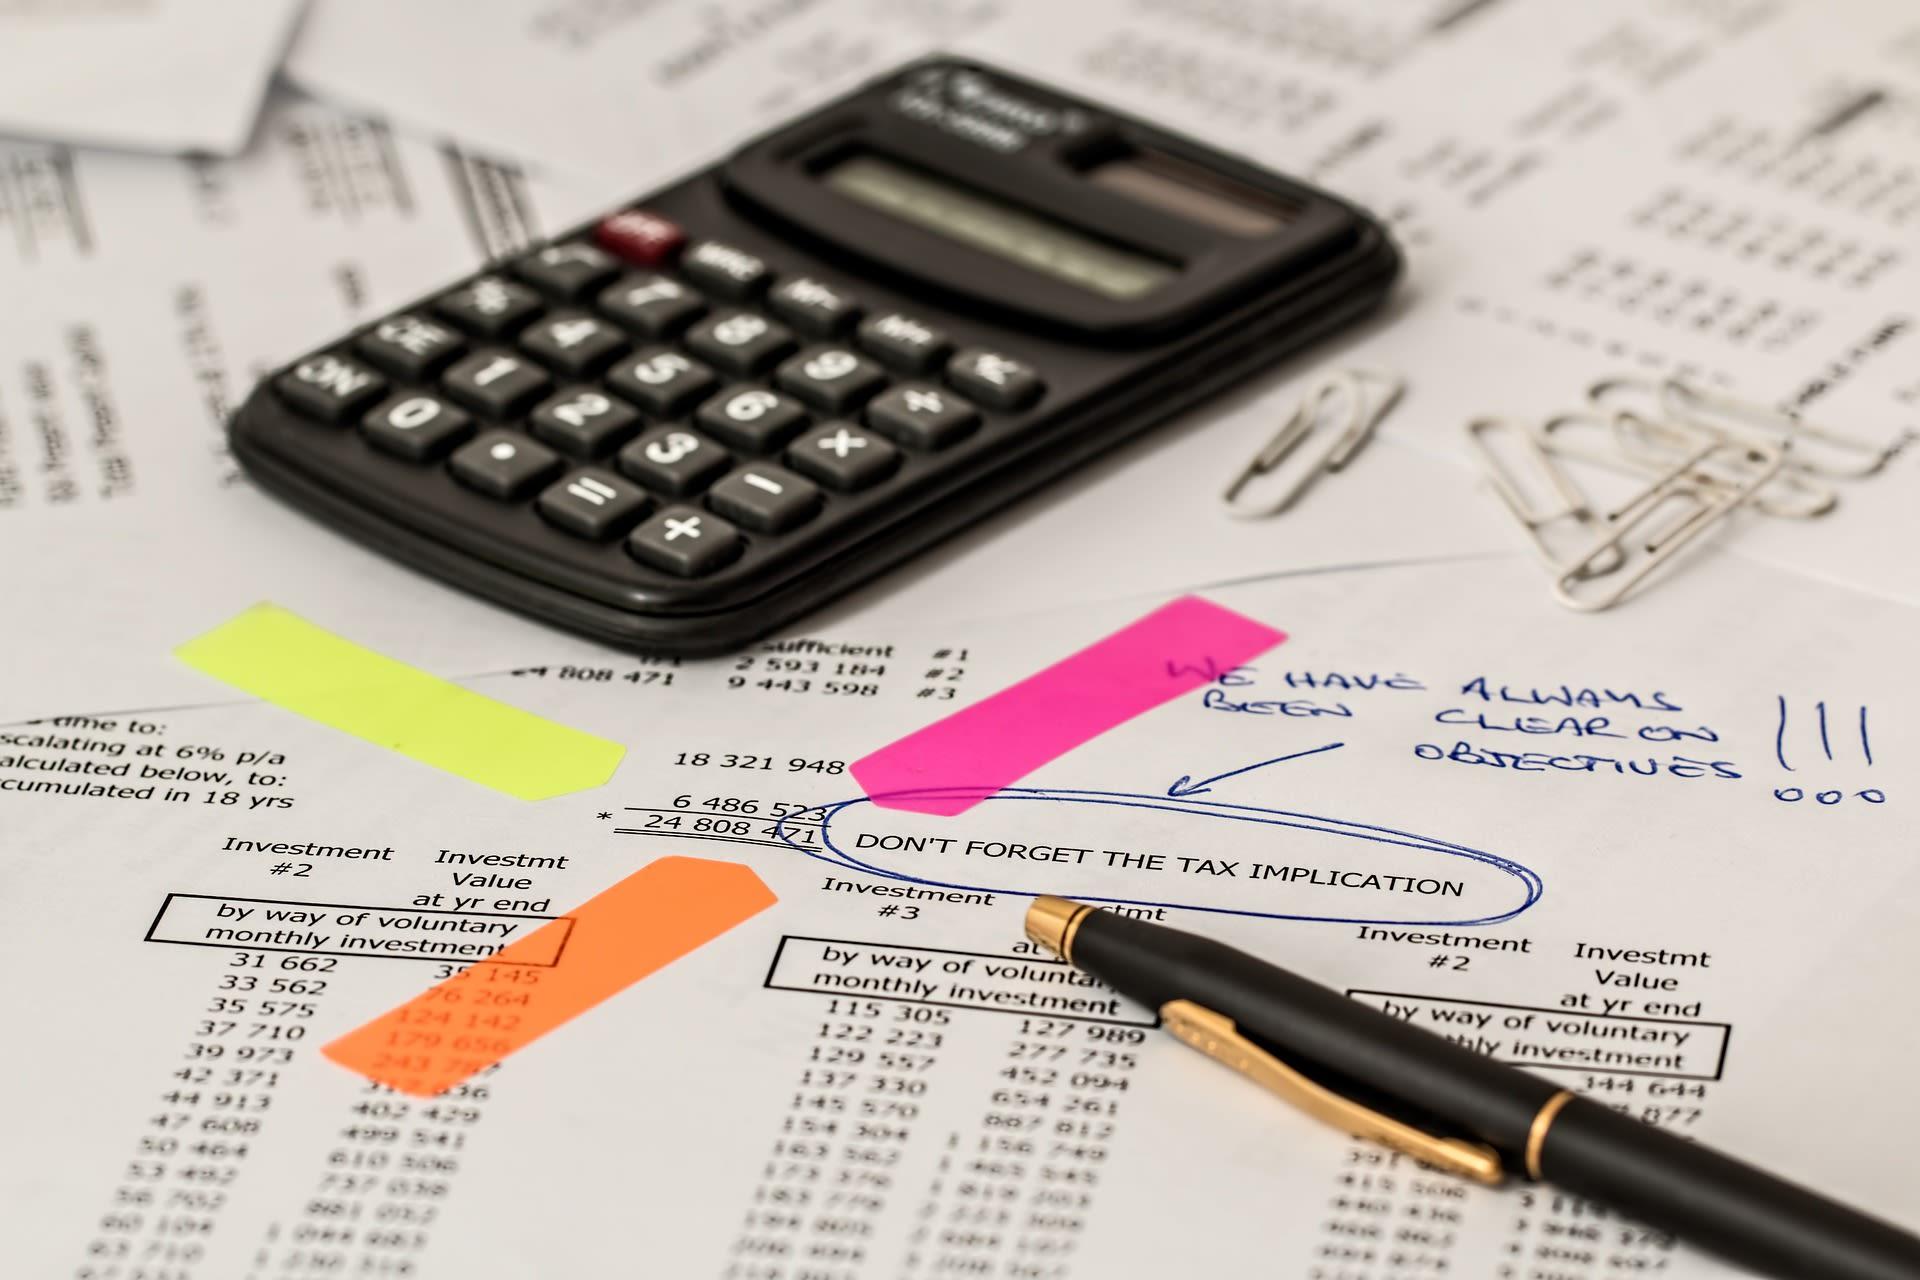 Comment faire une simulation de prêt immobilier?